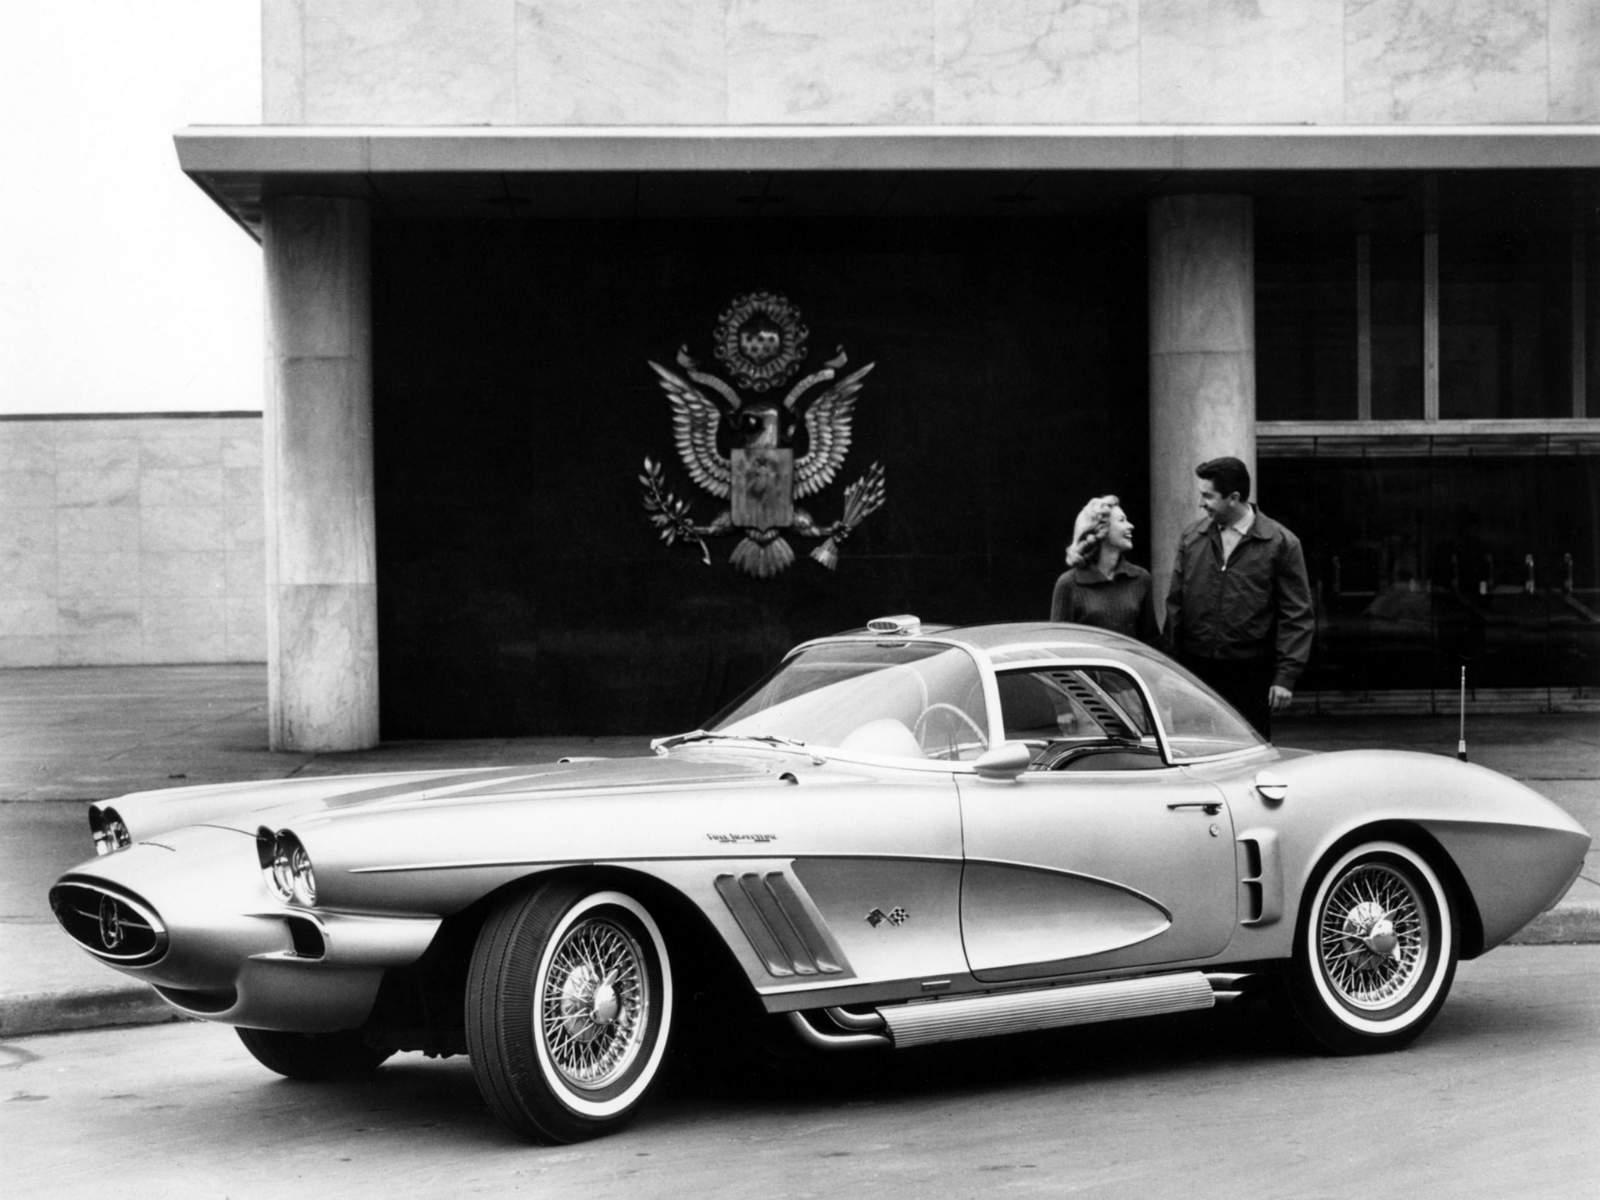 1958 Chevrolet Corvette Xp 700 Concept Car Left Side View